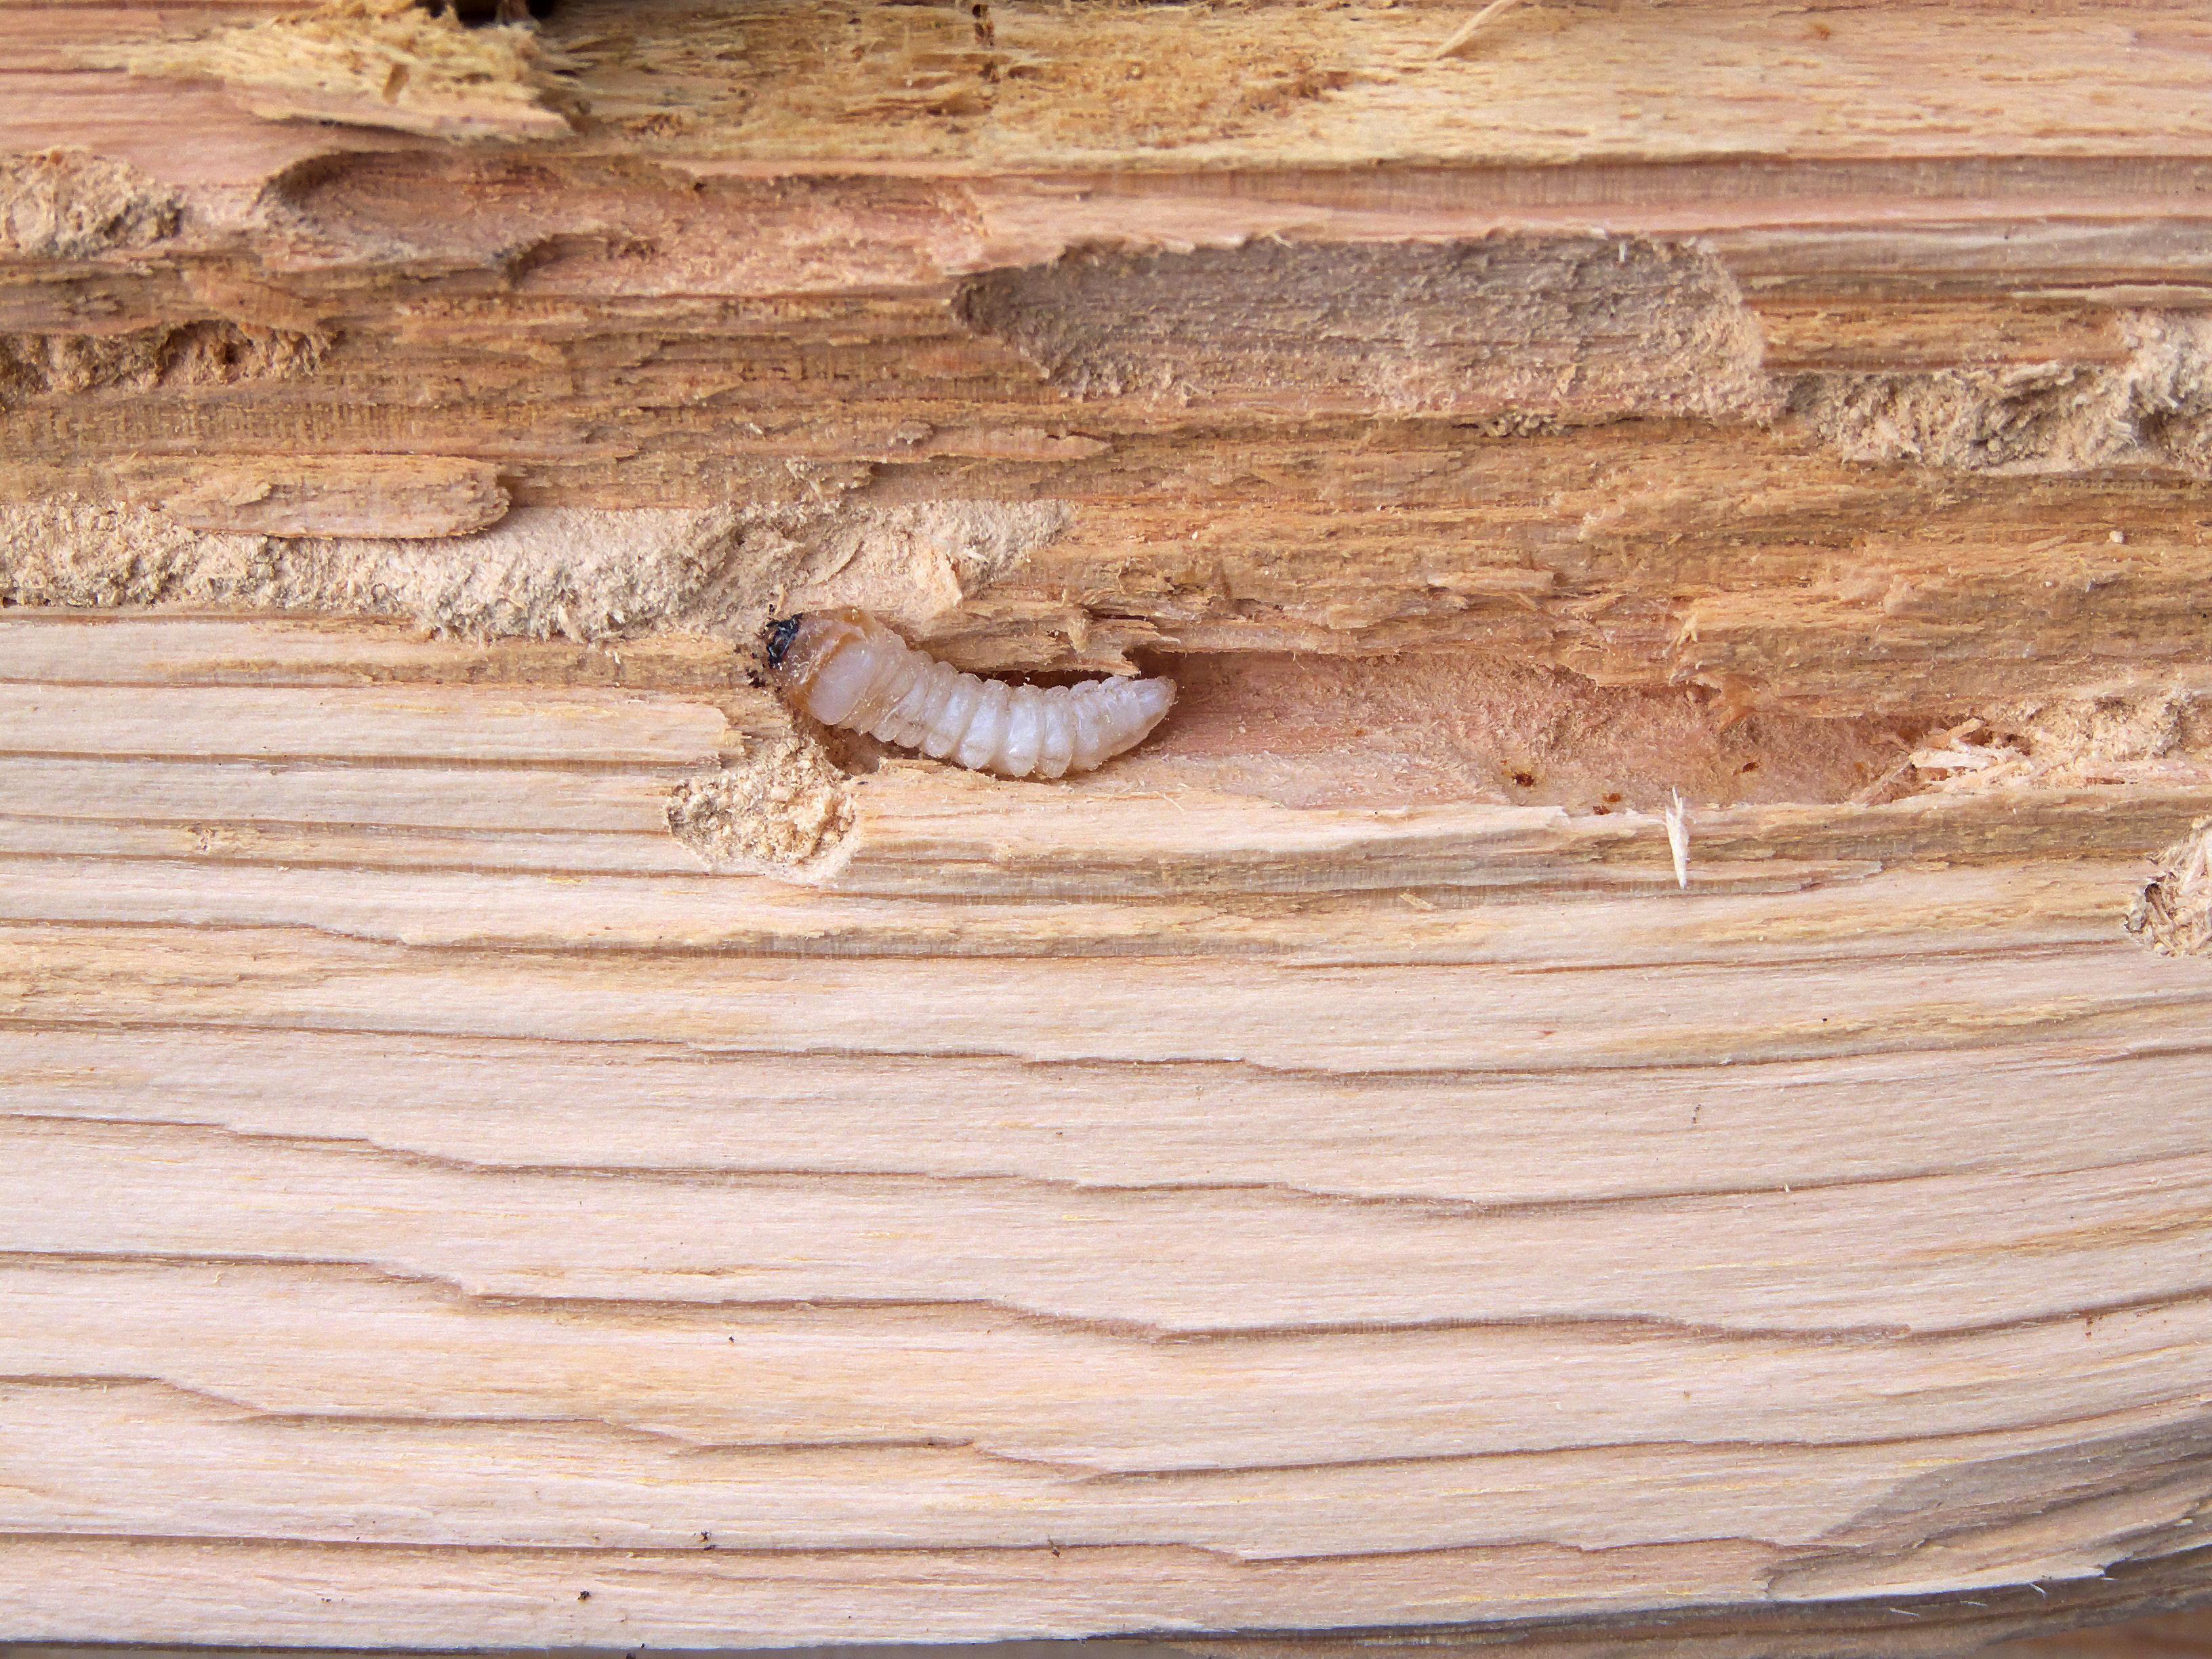 Houtblokken In Huis : Hoe klinkt boktor geluid houtwormen boktorren bestrijden